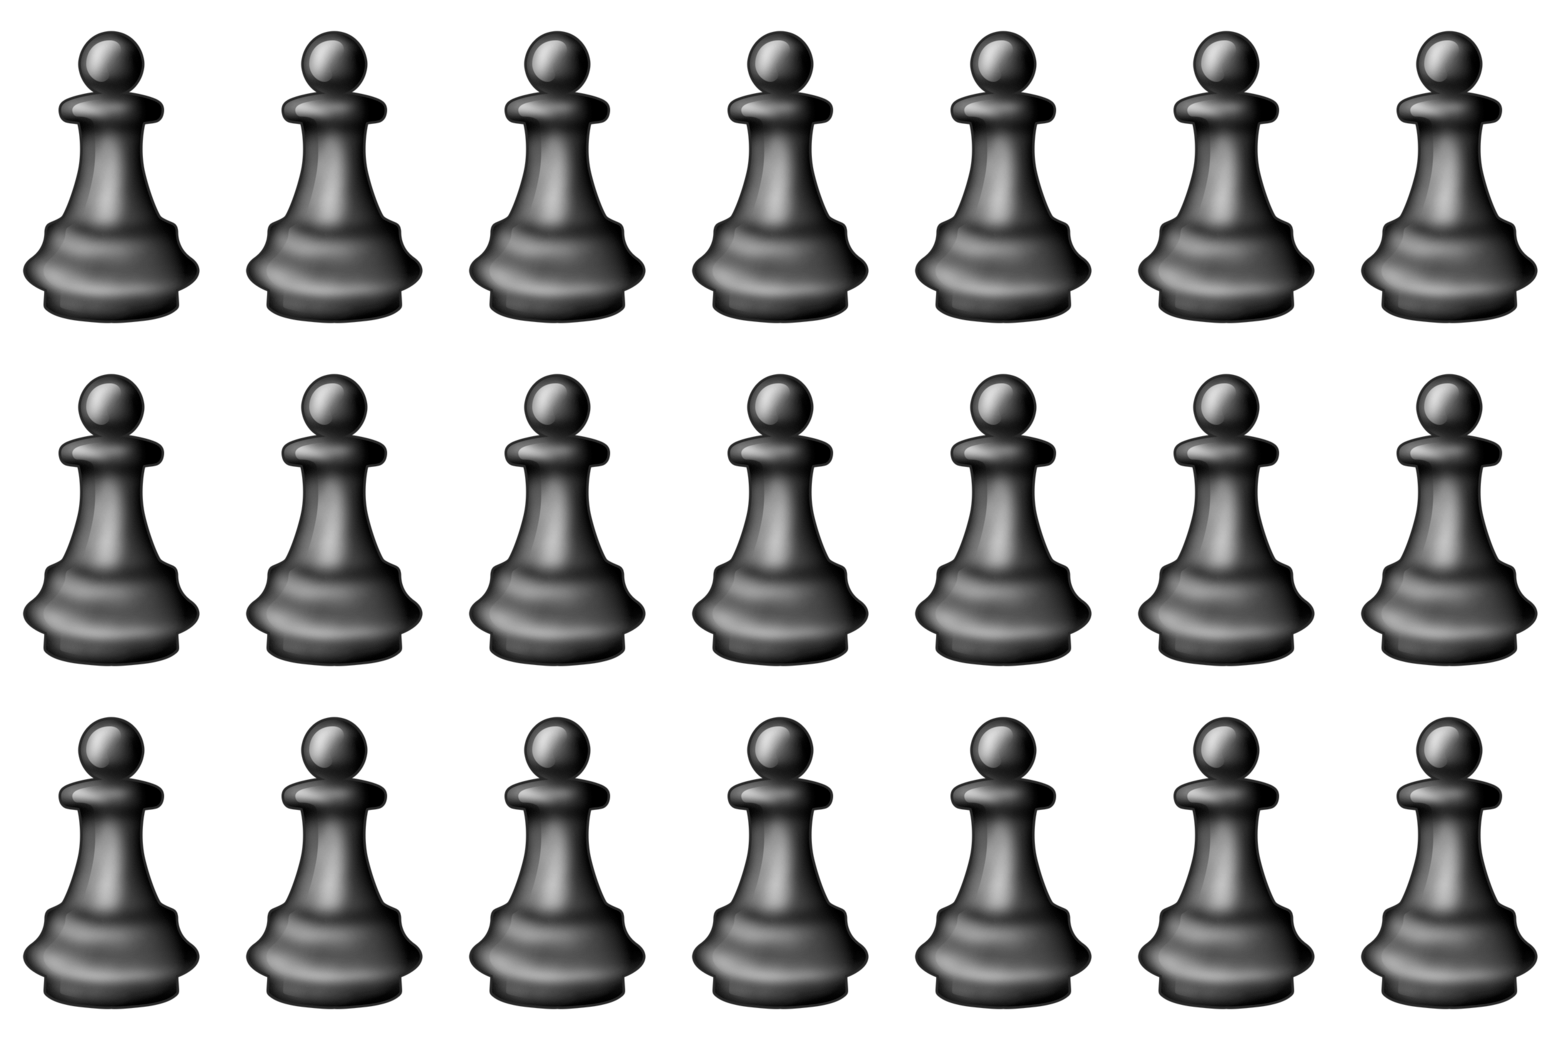 Chess piece emojis.